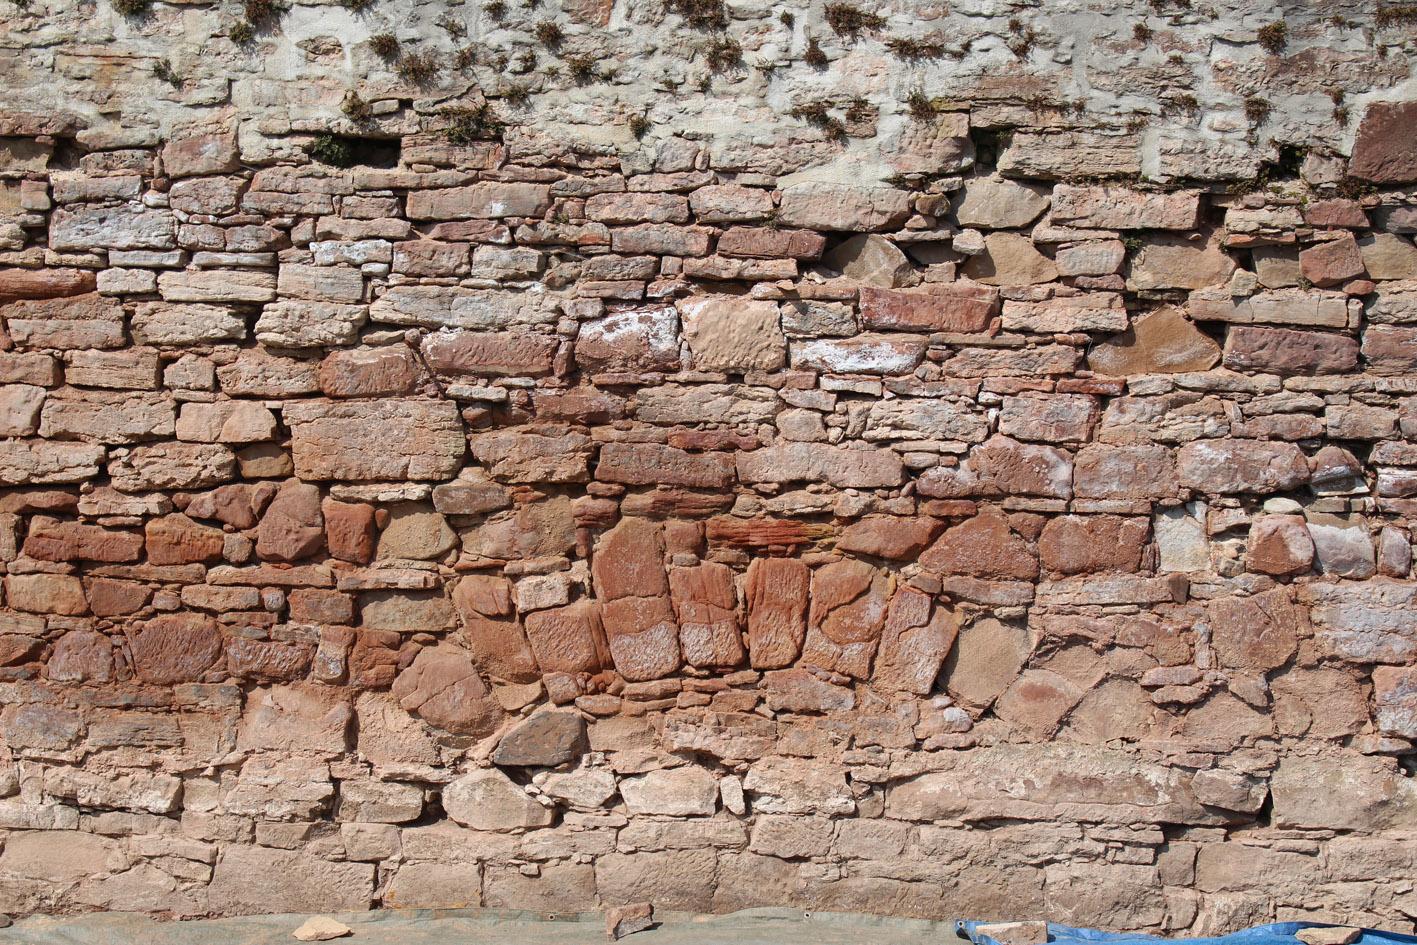 Innerhalb sonst gerader Steinmauer zeigt sich eine gewölbte runde Mauerung